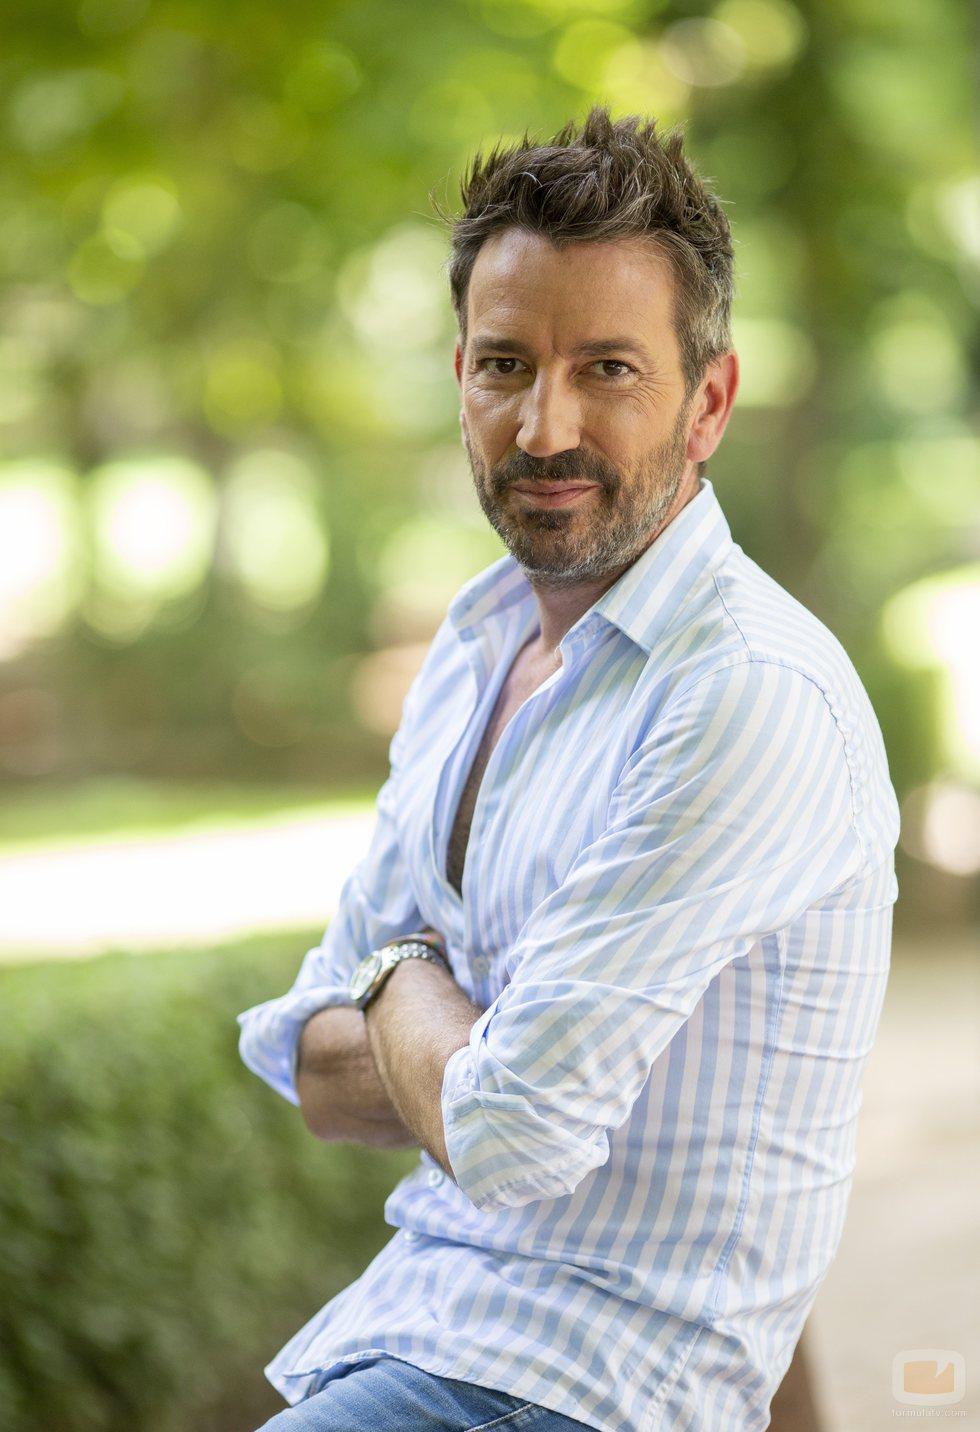 David Valldeperas es el presentador de 'Aquí hay madroño' en Telemadrid